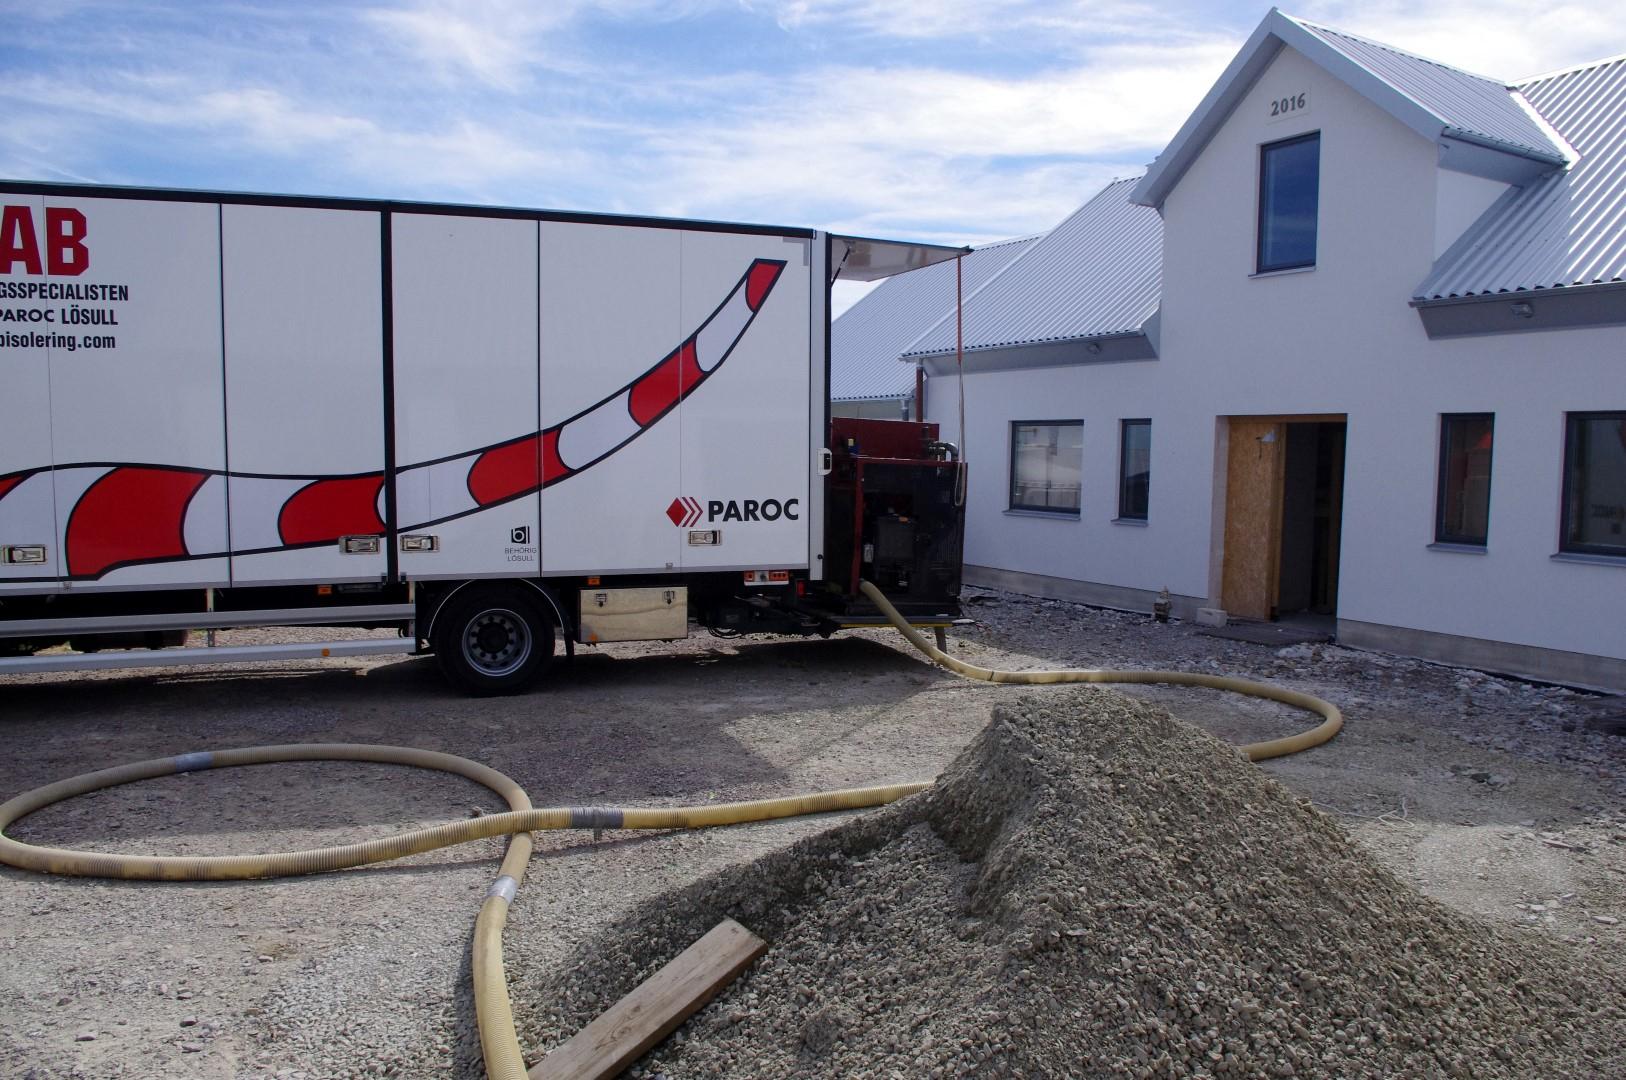 Vom LKW aus wird die Steinwolle durch einen langen Schlauch ins Haus gepustet